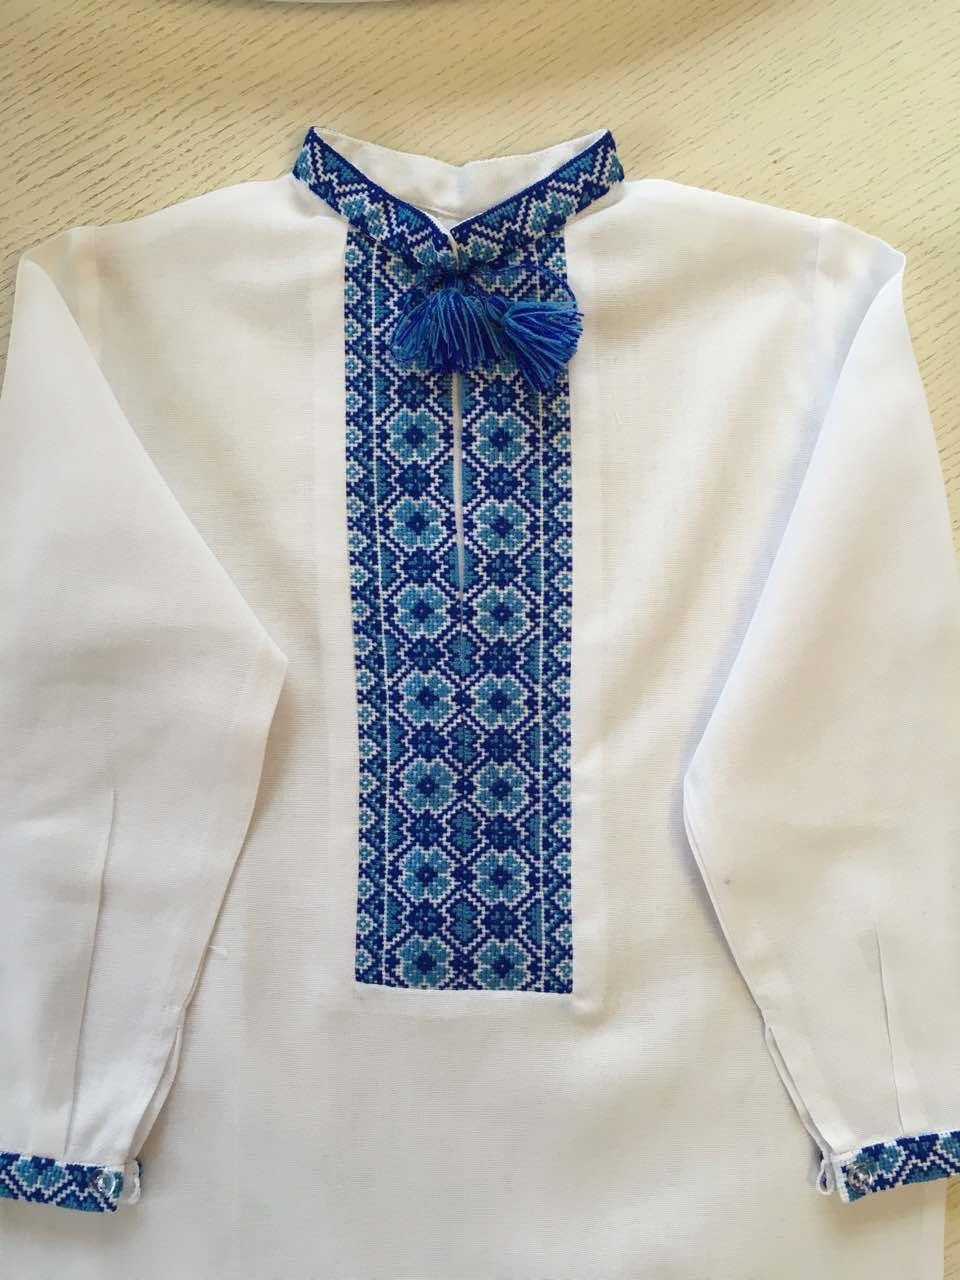 Біла вишита сорочка для хлопчика 5-6 років  продажа de707eaaea31a